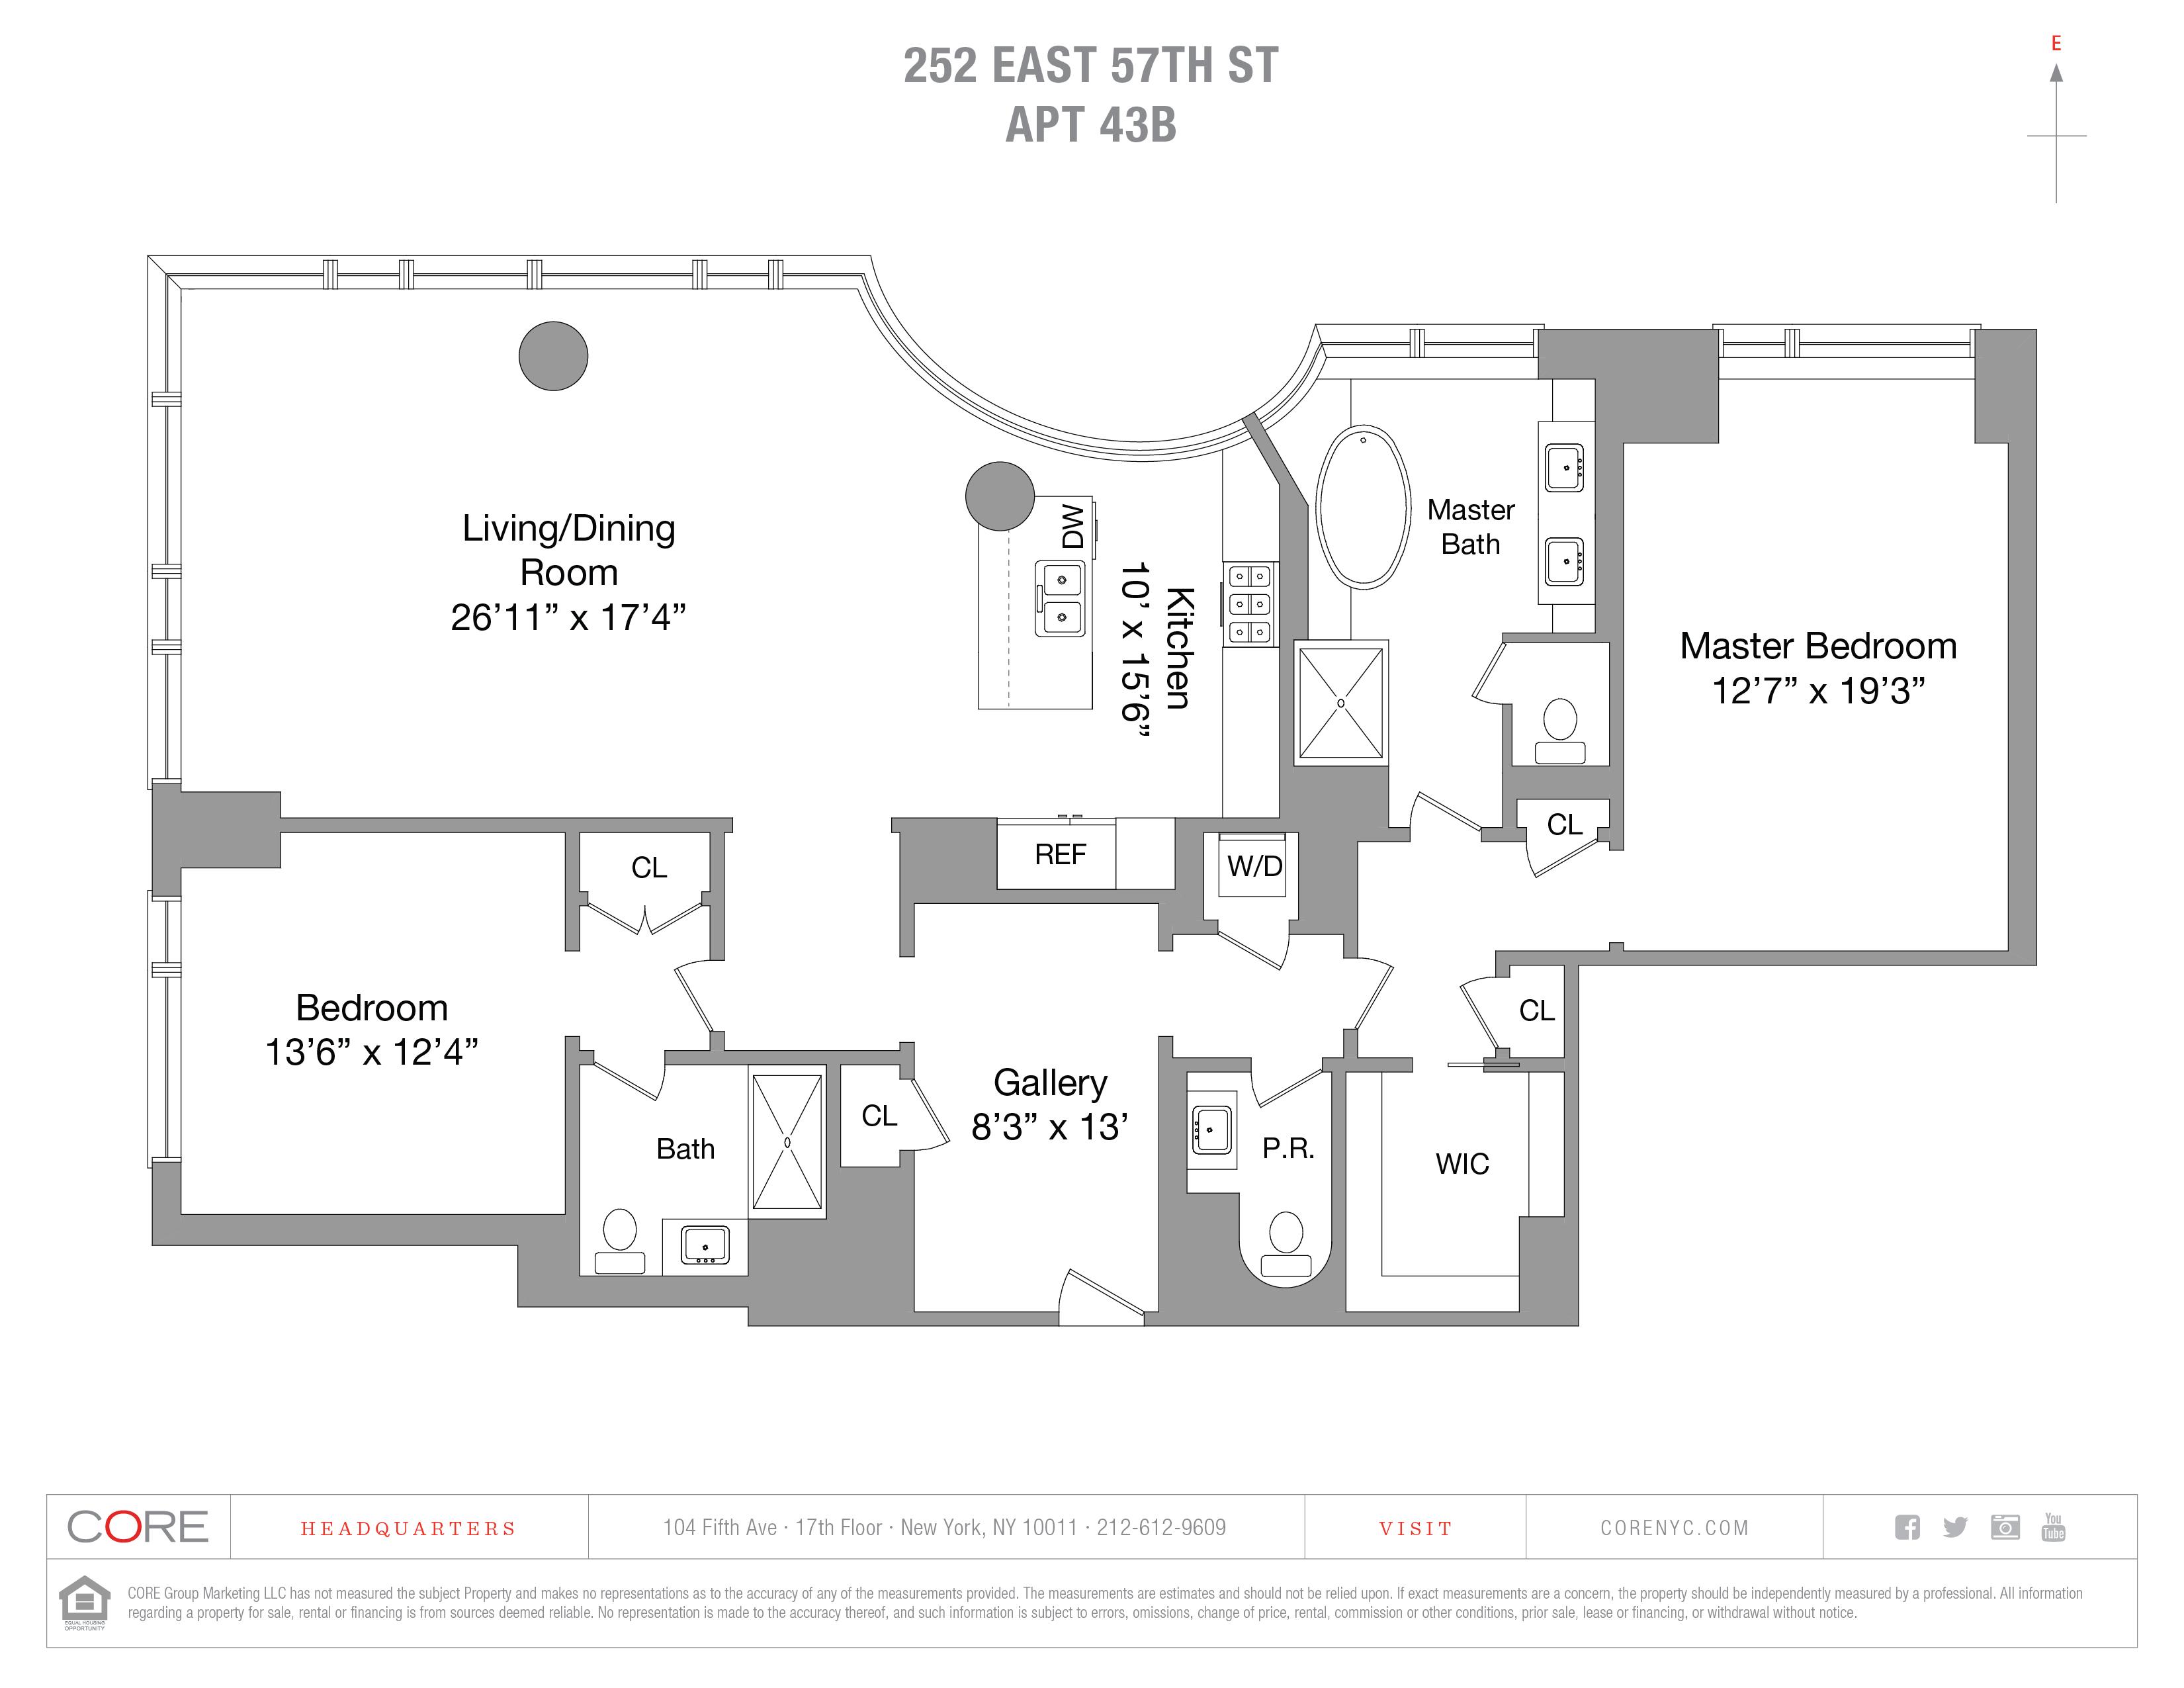 252 East 57th St. 43B, New York, NY 10022